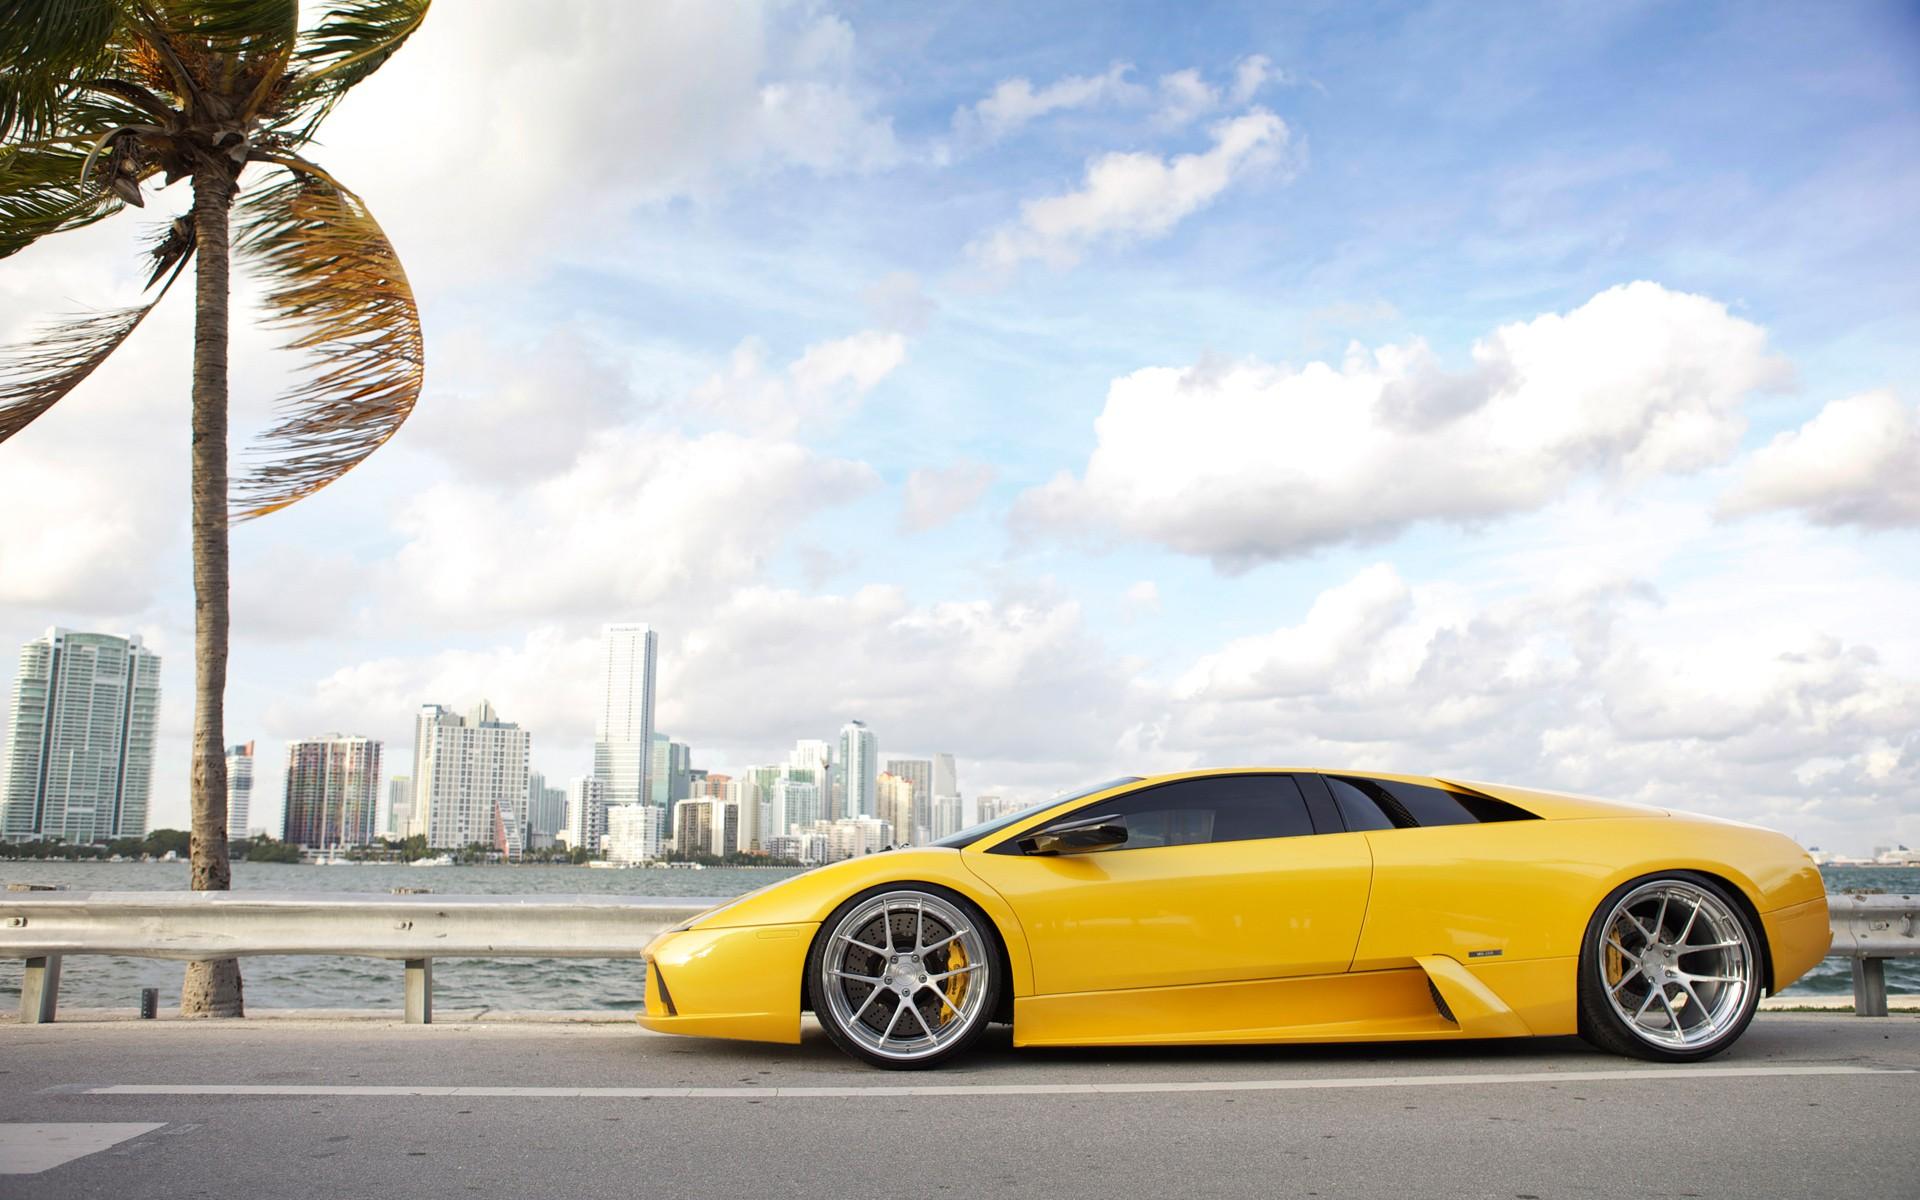 Adv1 Aventador Lamborghini Miami Wallpapers: Lamborghini Murcielago ADV1 Wheels Wallpaper